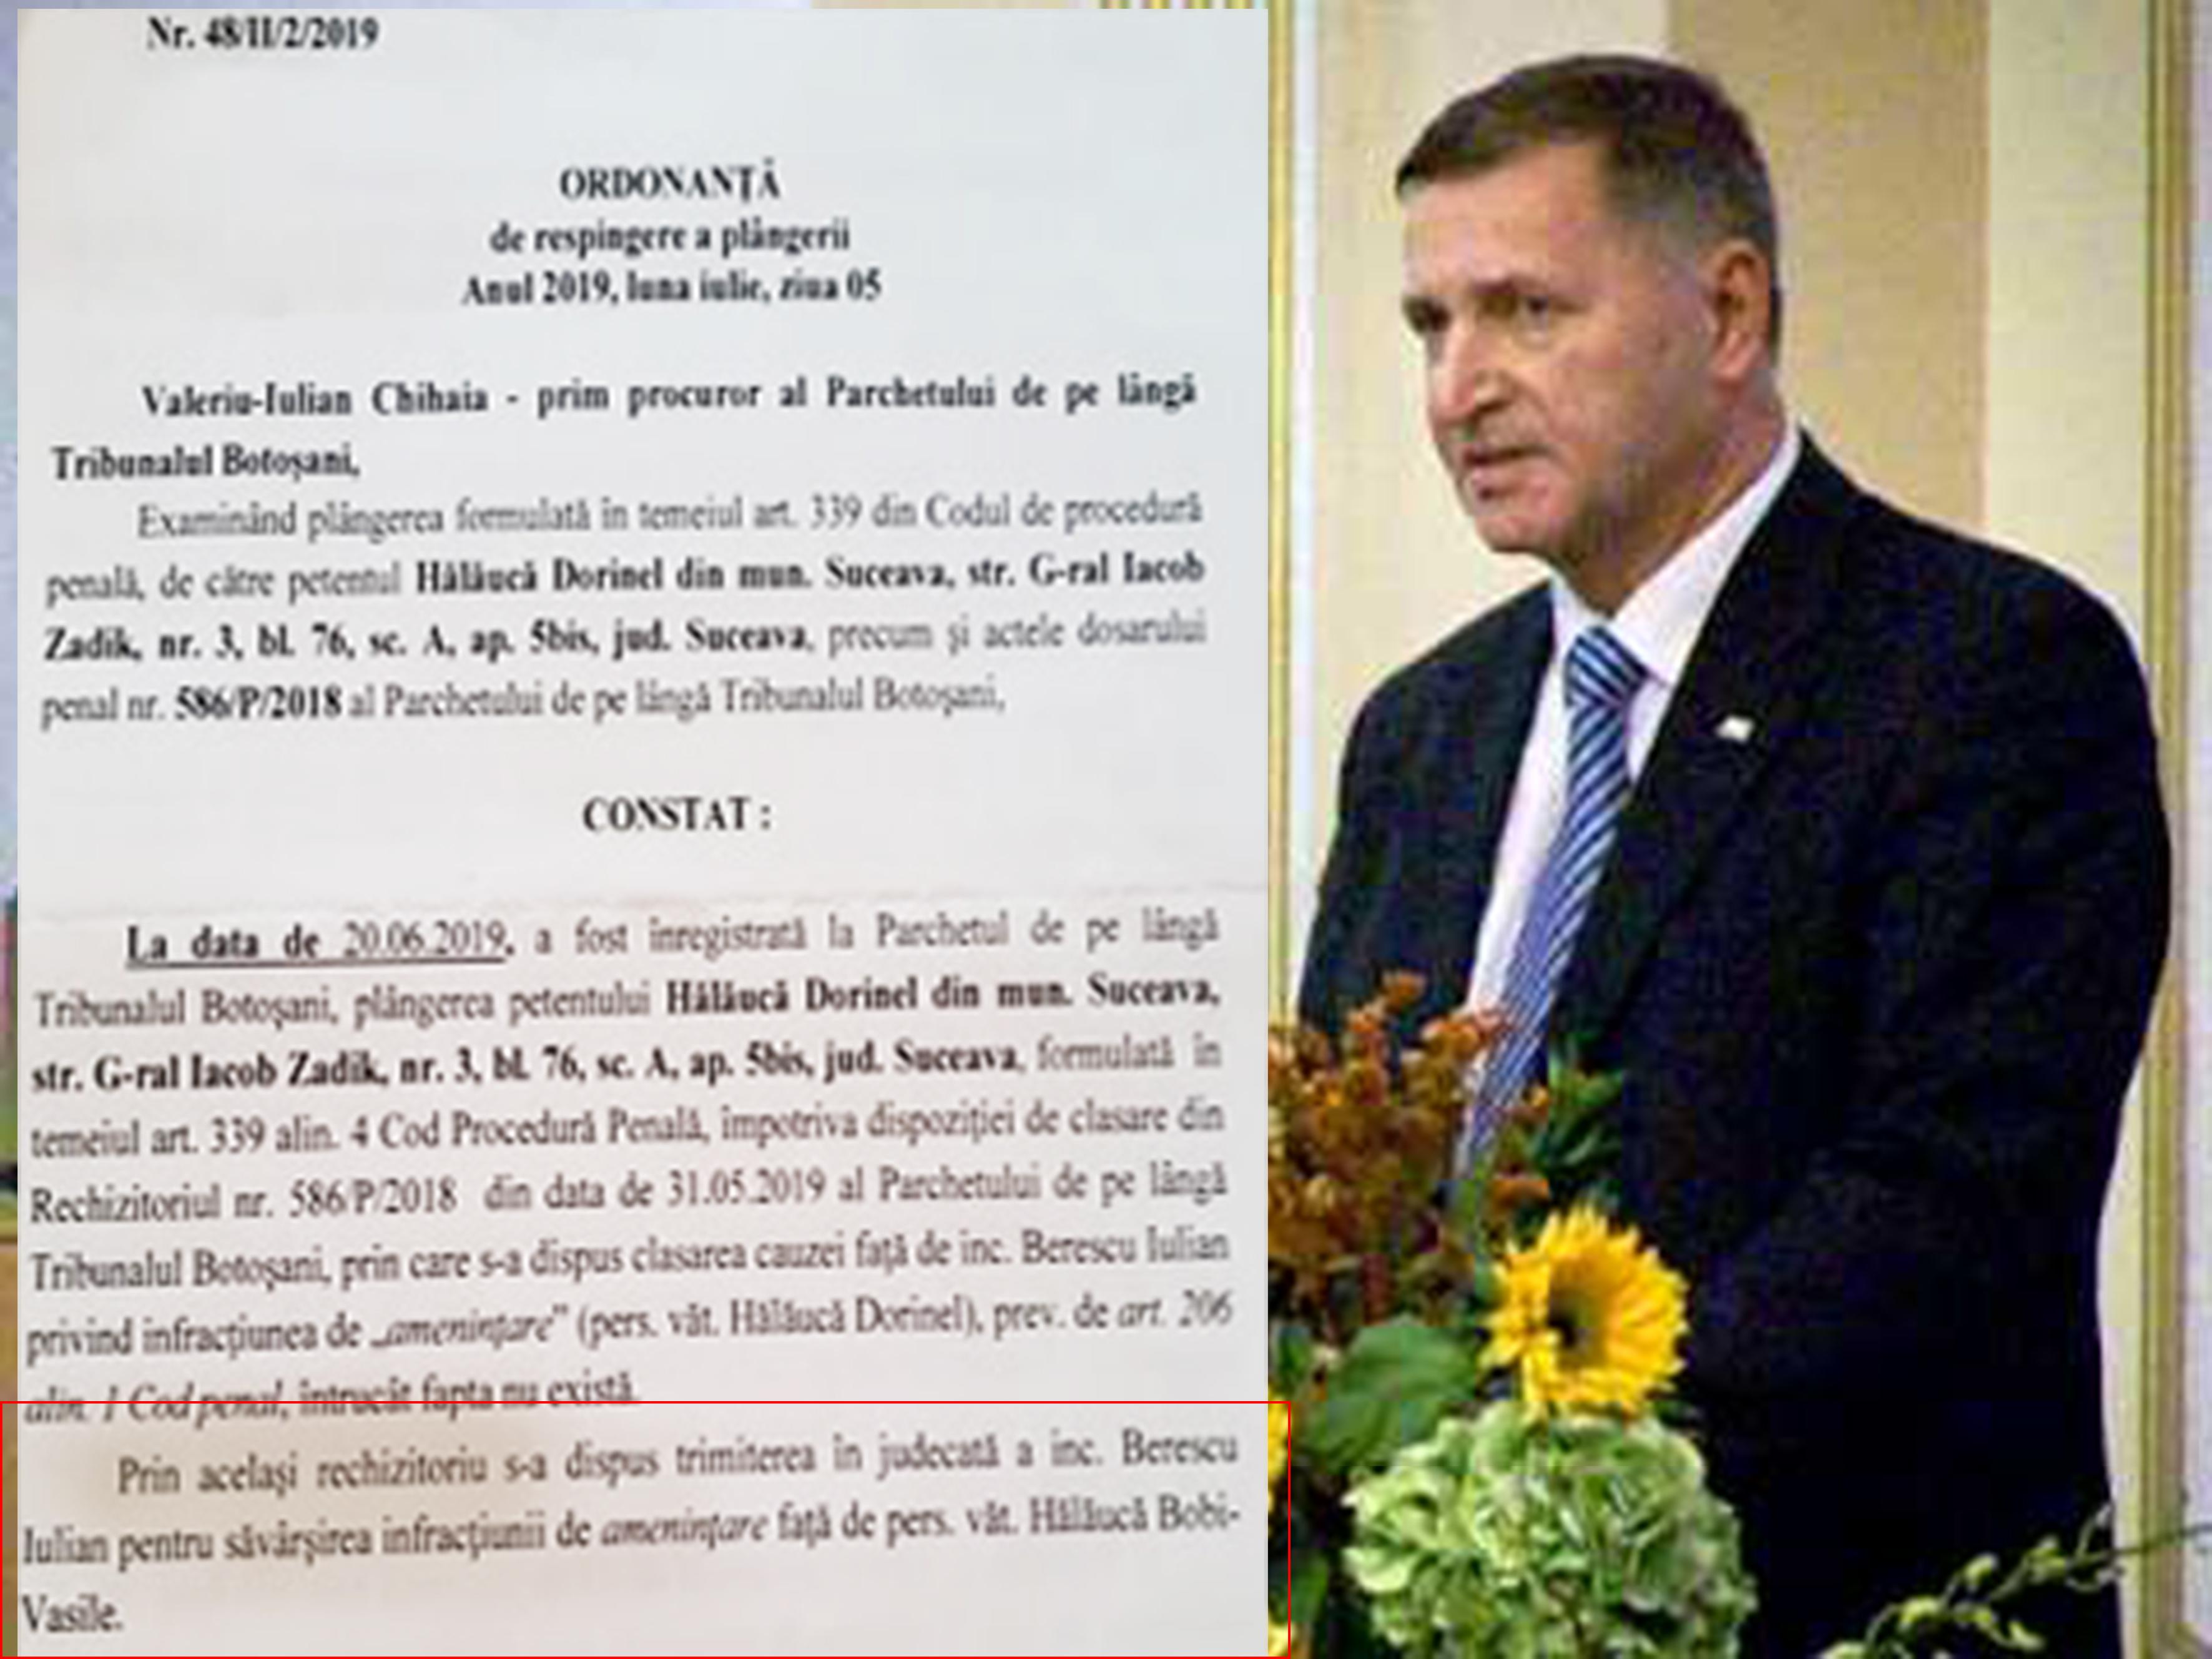 Dosar Columbo - EXCLUSIV. Controversatul miliardar Berescu, fost șef la SOCAR, trimis în judecată pentru amenințare cu arma. Rechizitoriu făcut pe hârtie igienică 8